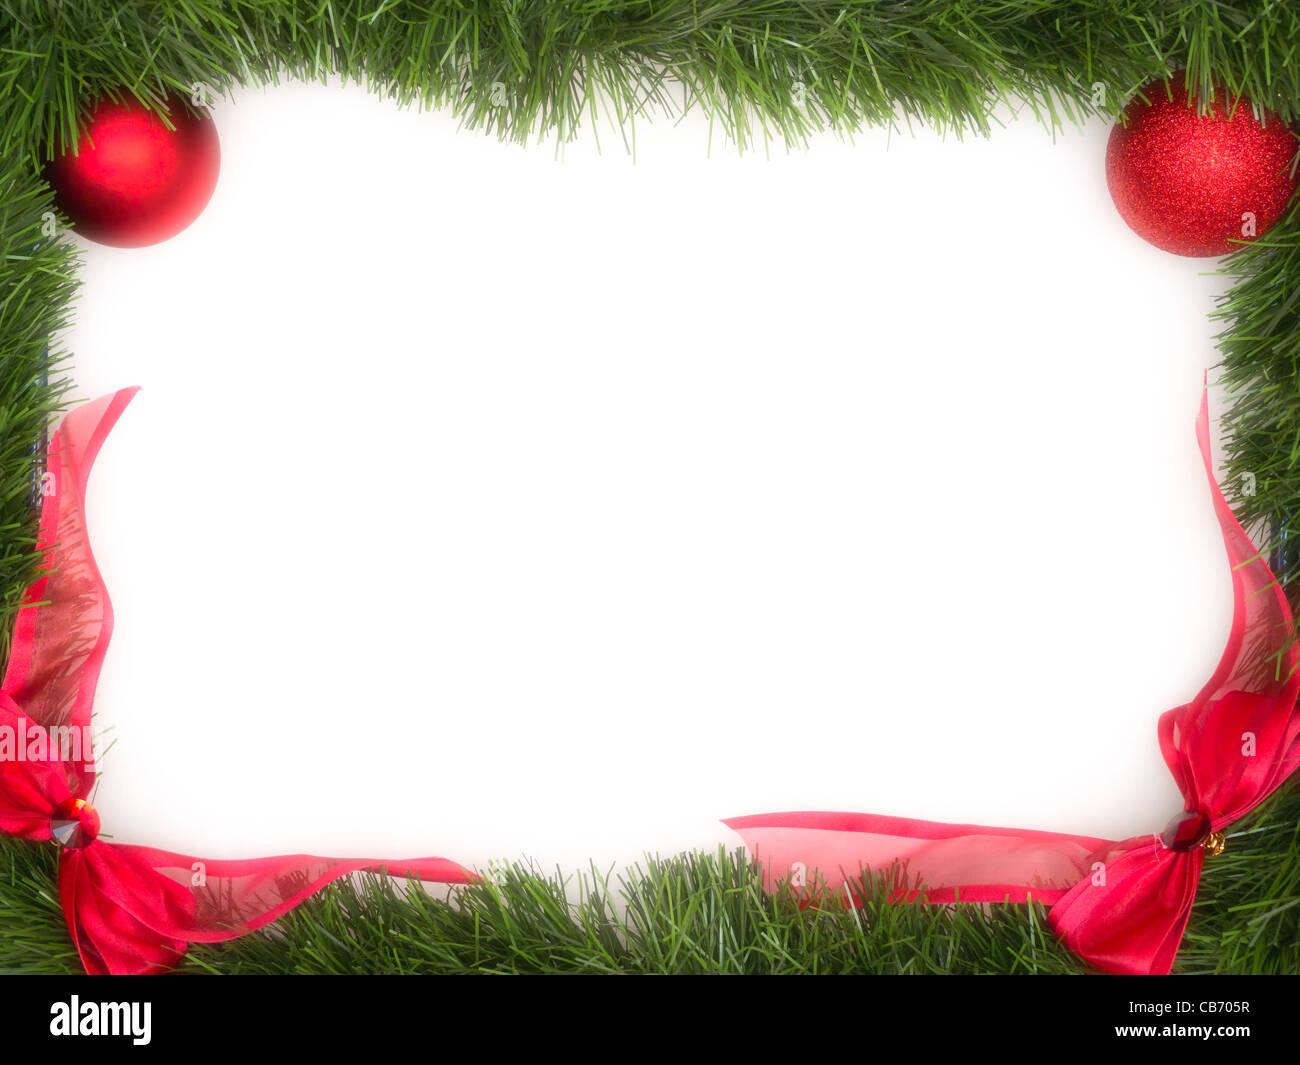 Cornici Foto Di Natale.Cornice Di Natale Foto Immagine Stock 41335779 Alamy